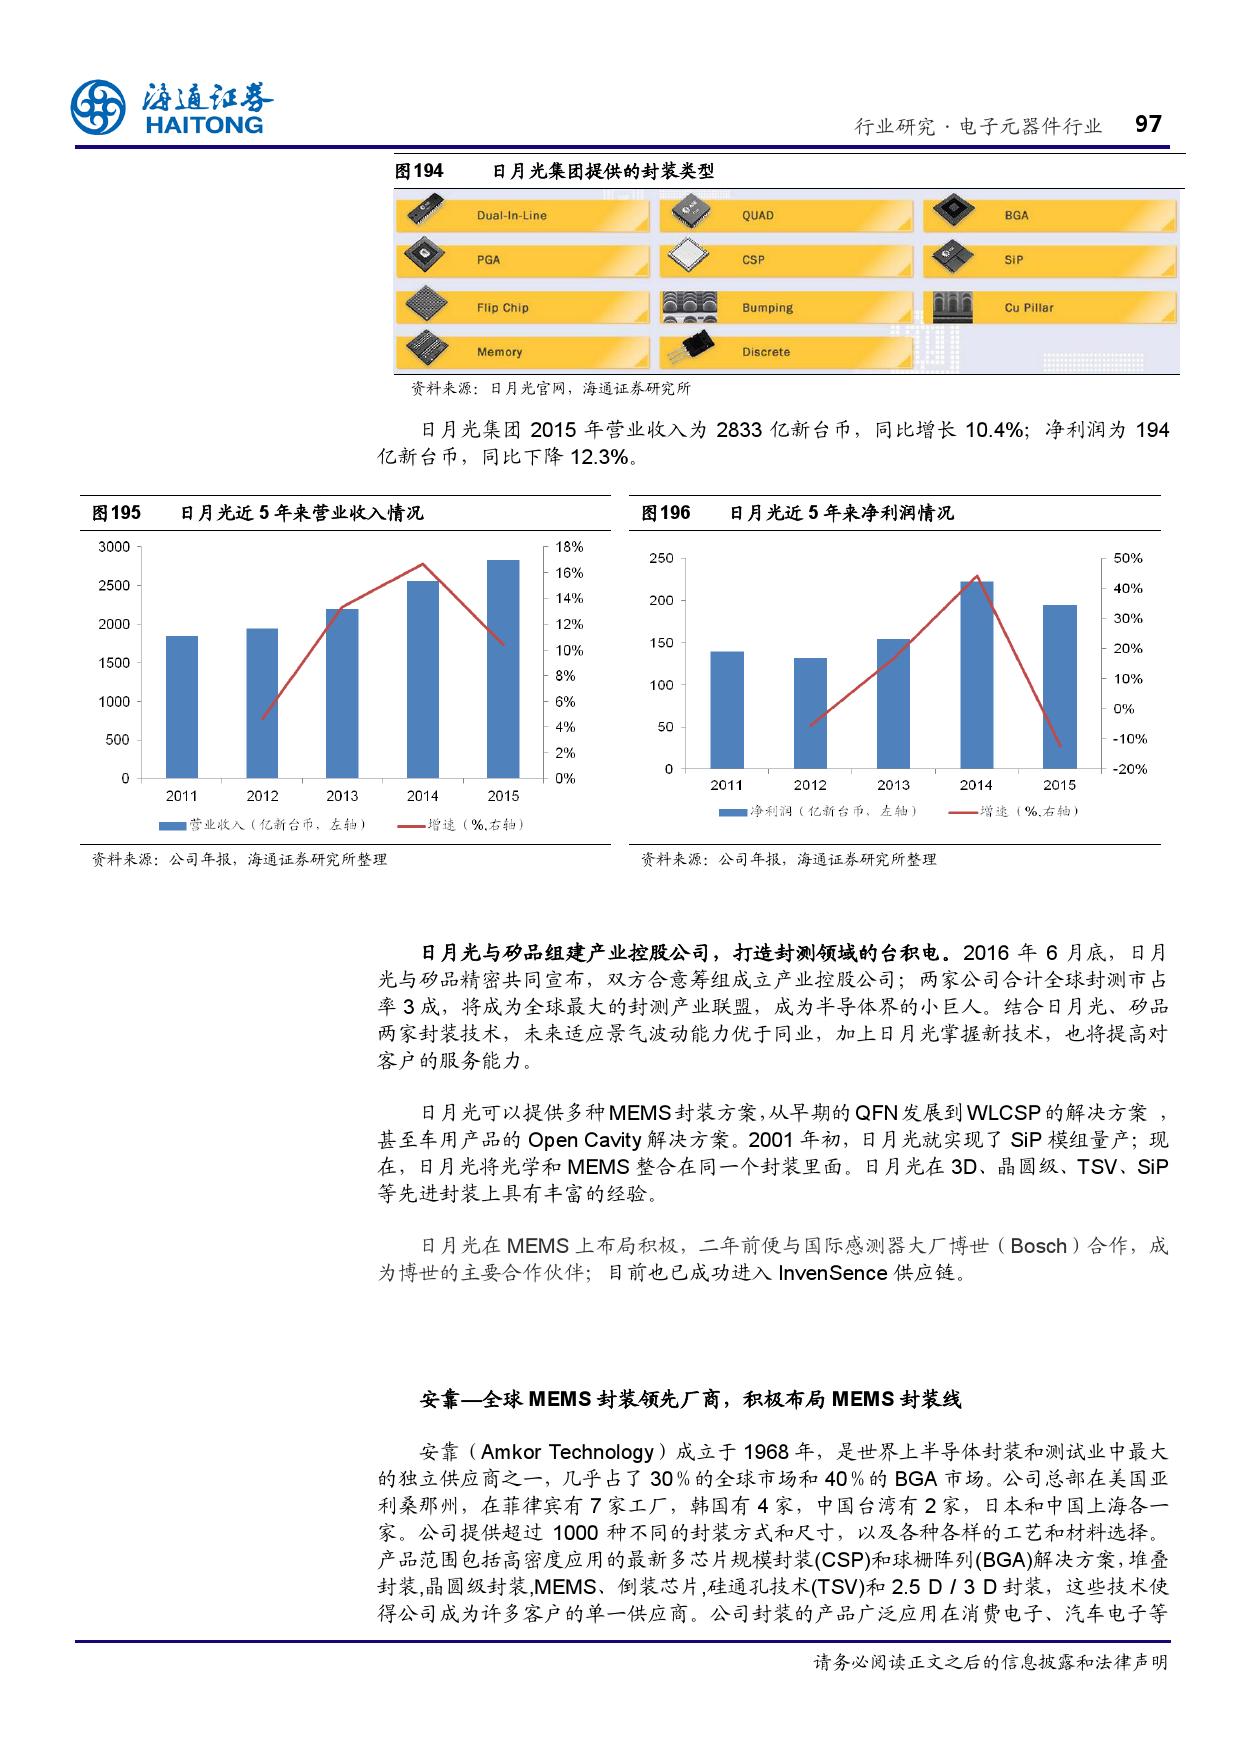 报告全解传感器全球产业链_000097